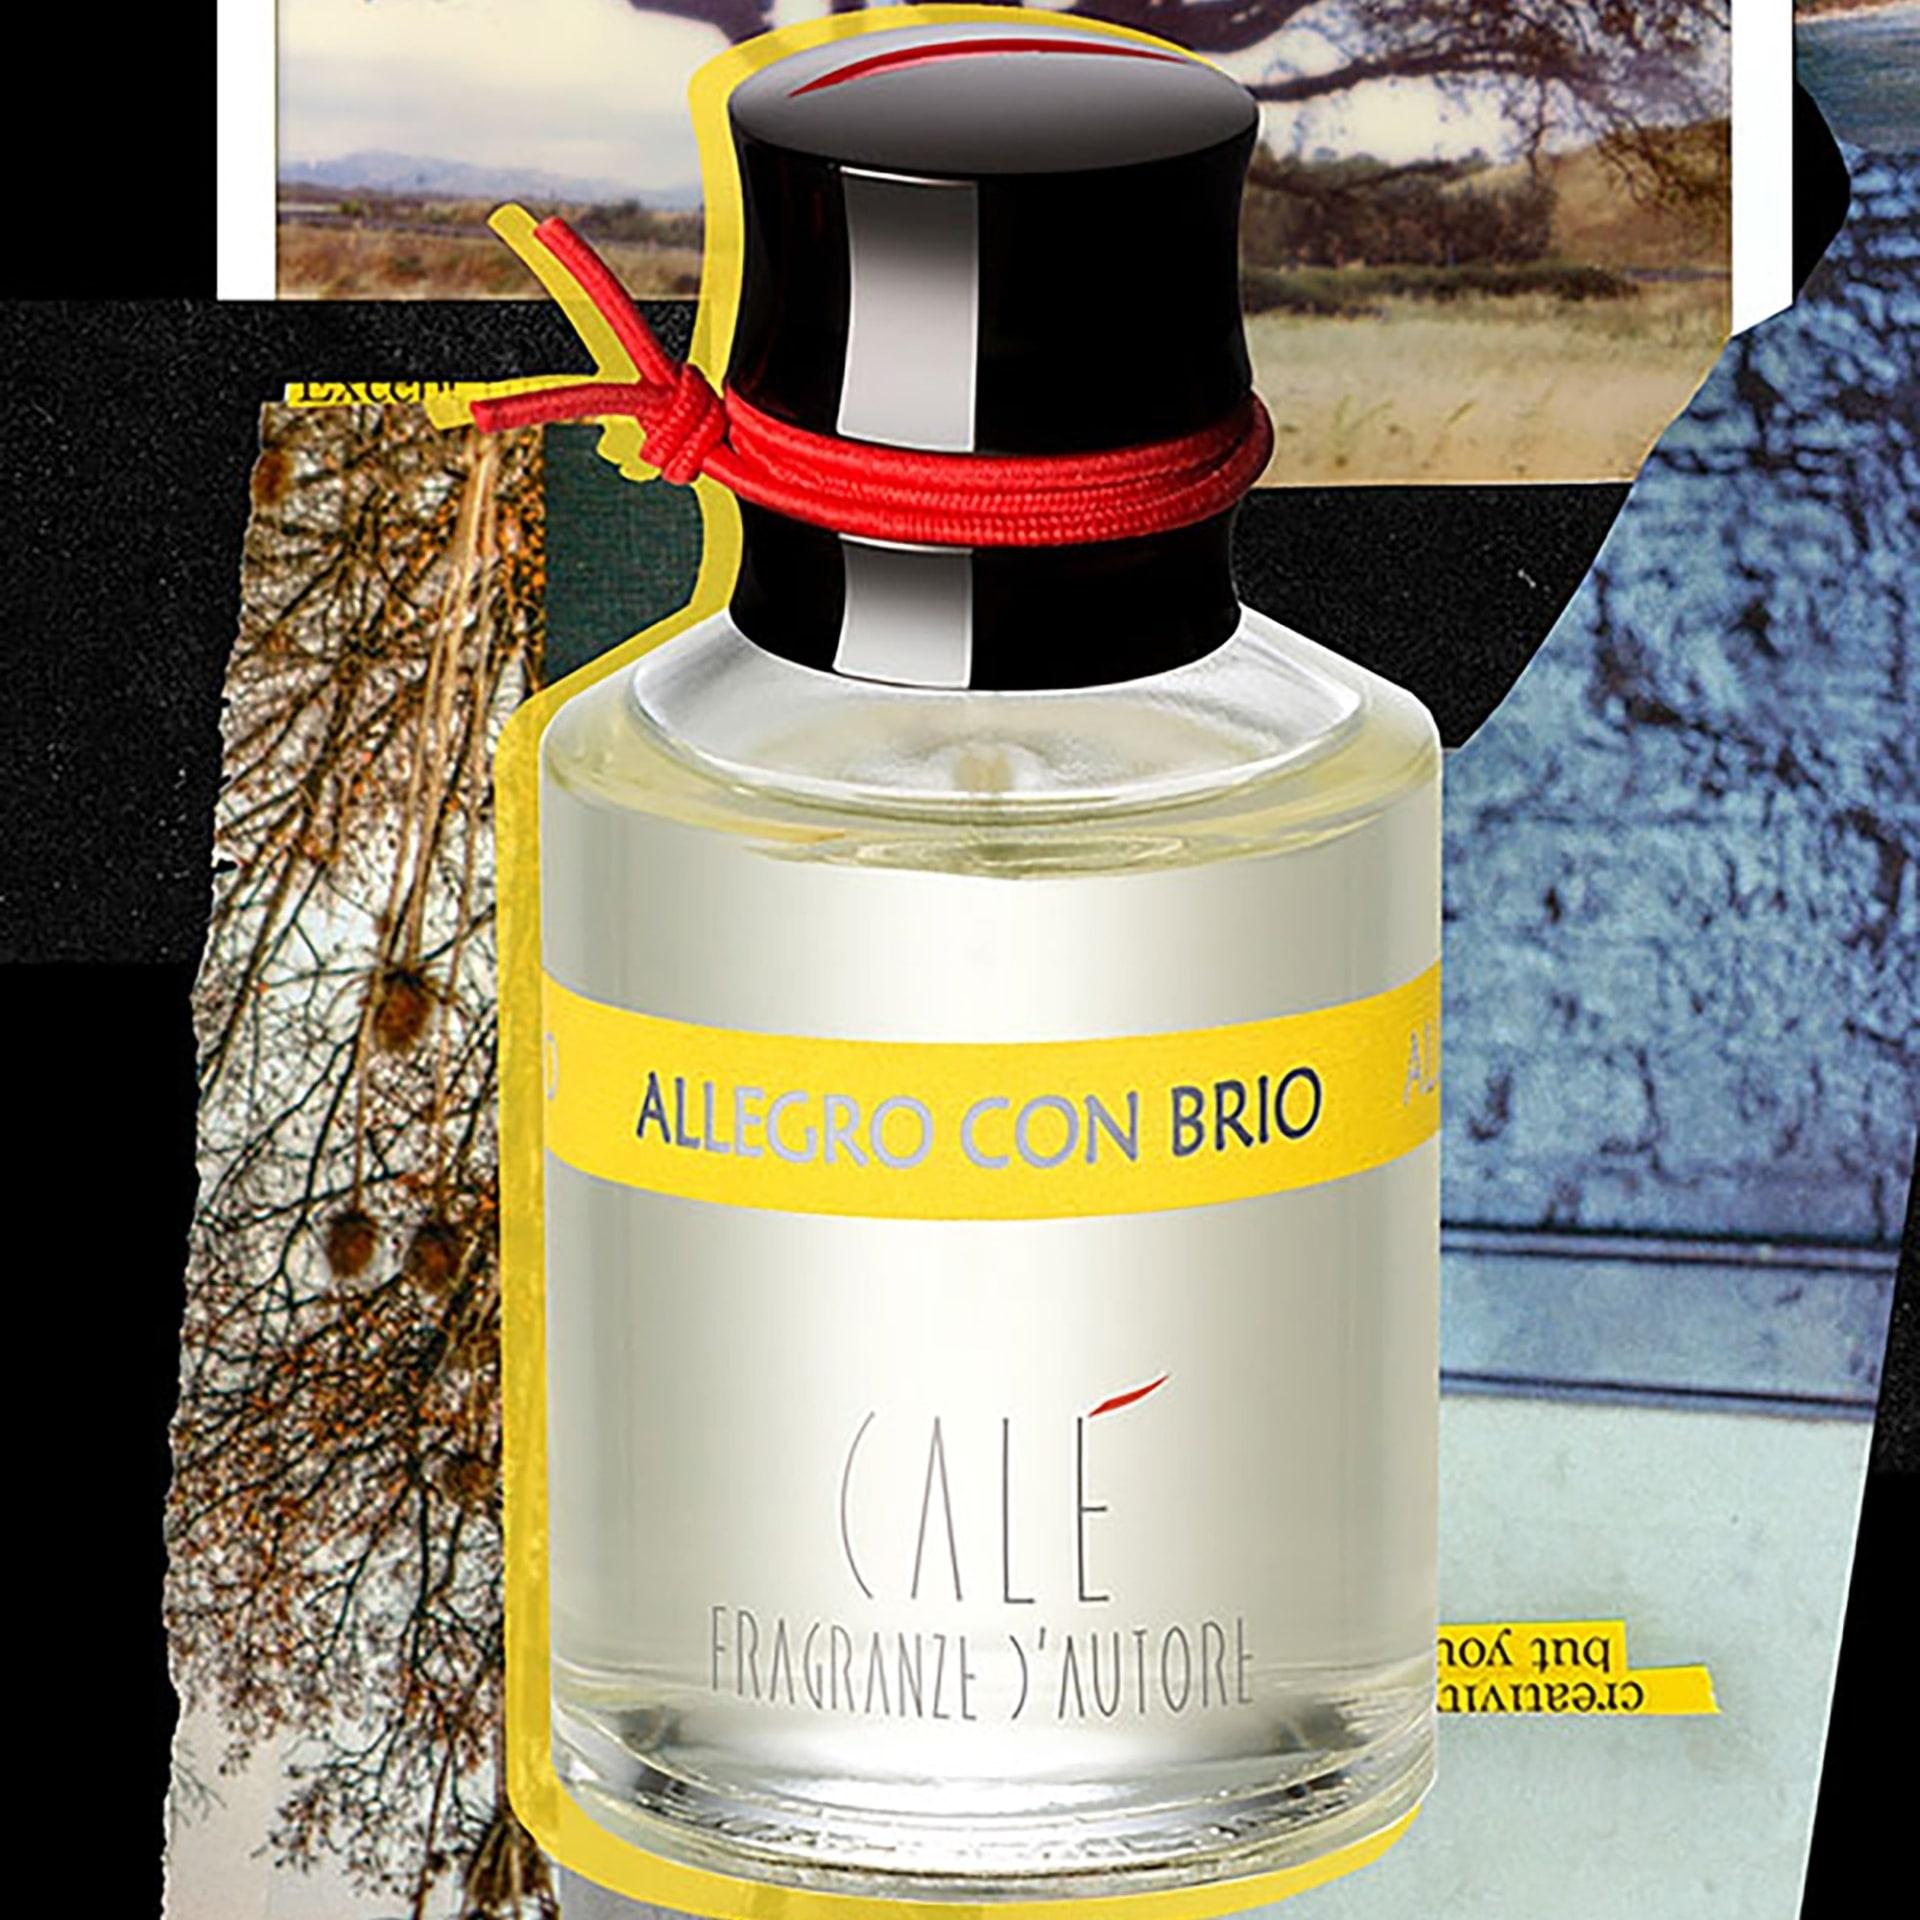 cale-fragranze-dautore-allegro-con-brio-1